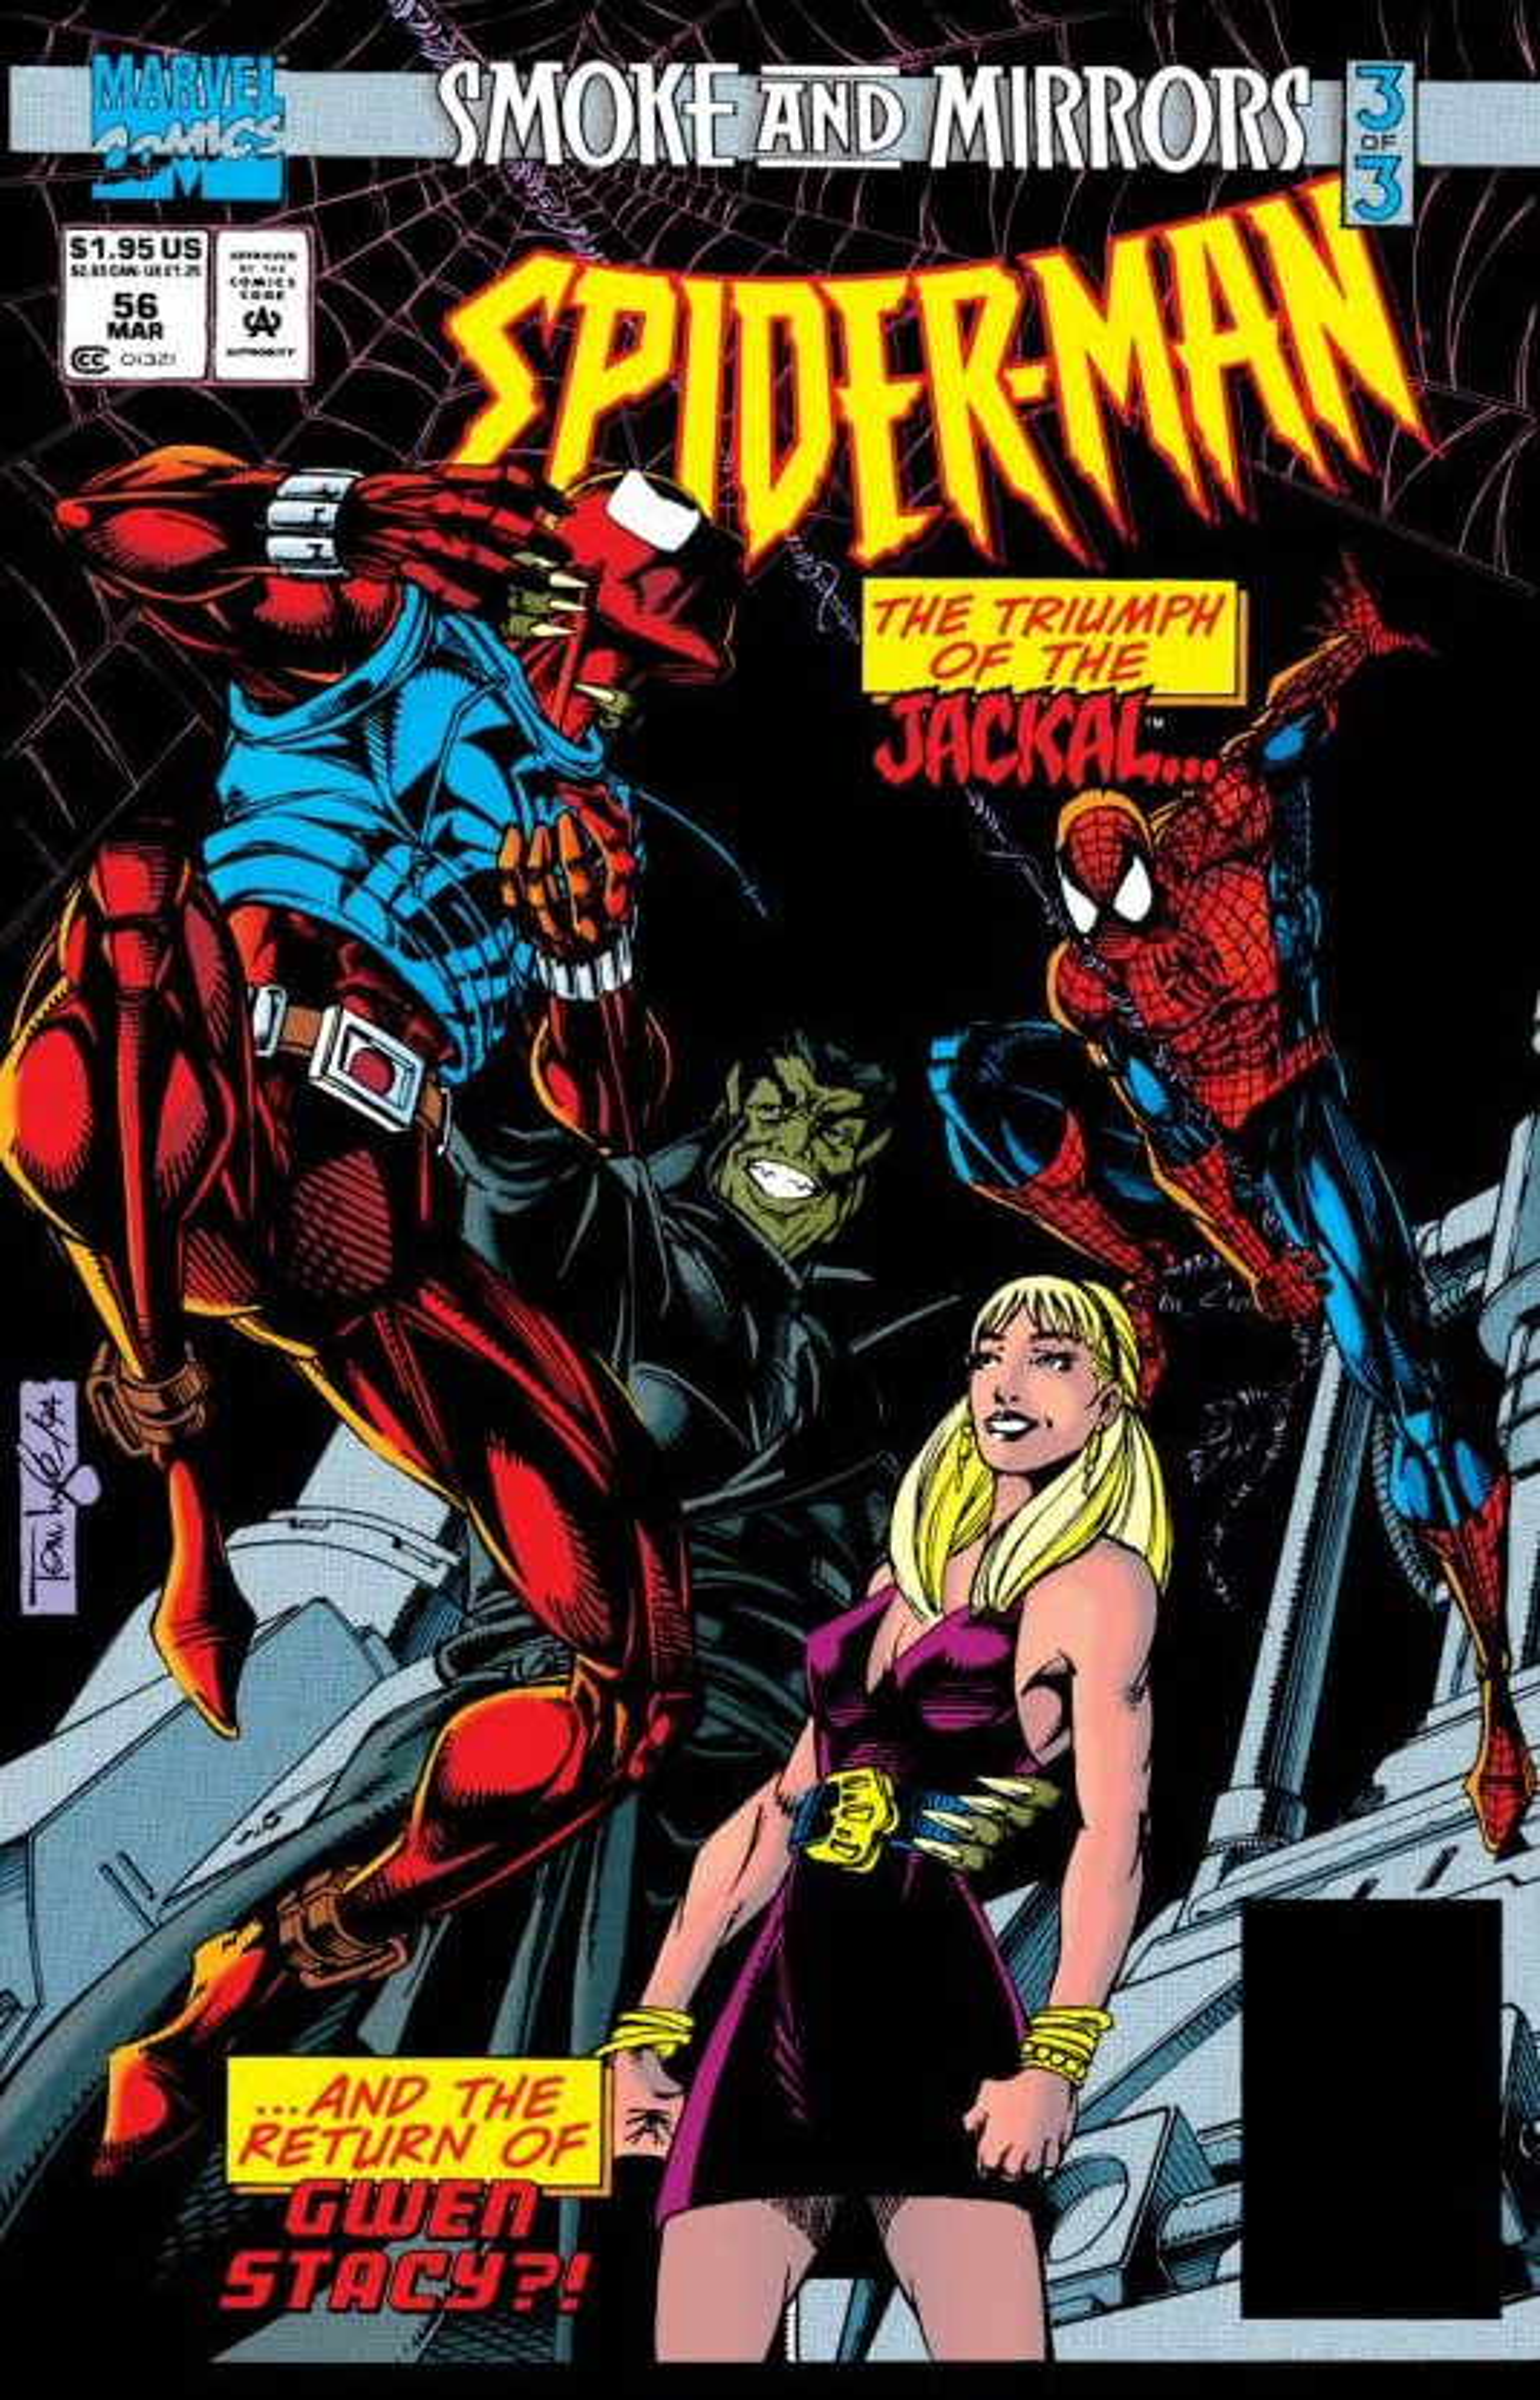 Spider-Man #56